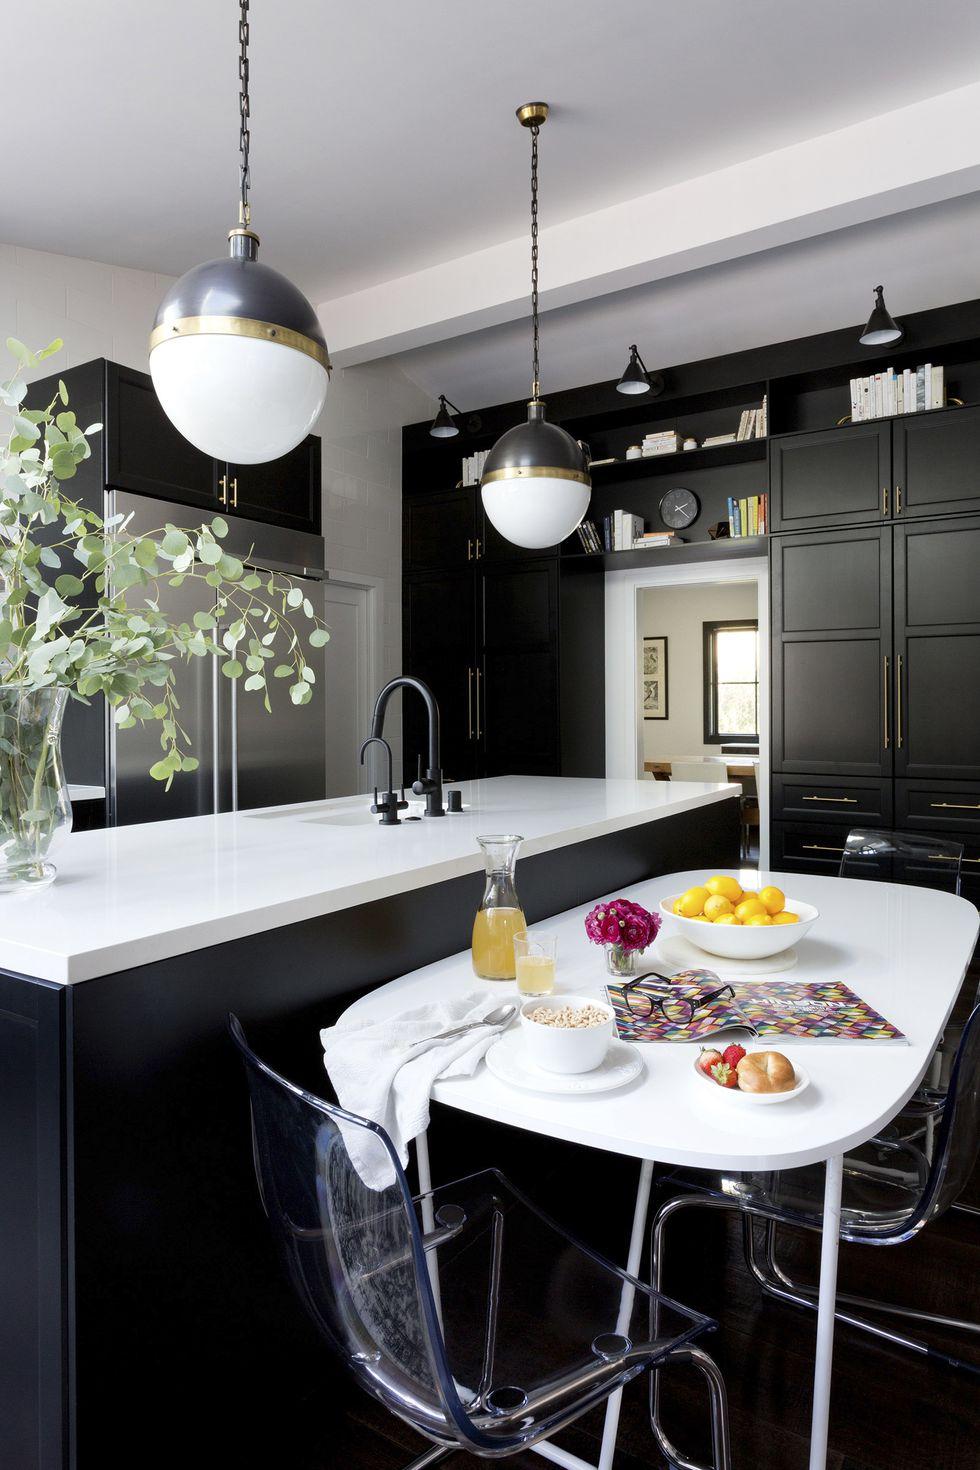 کابینت آشپز خانه کاخ سفید آمریکا دکوراسیون آشپزخانه بزرگ:ایده های شگفت انگیز برای دکوراسیون ...